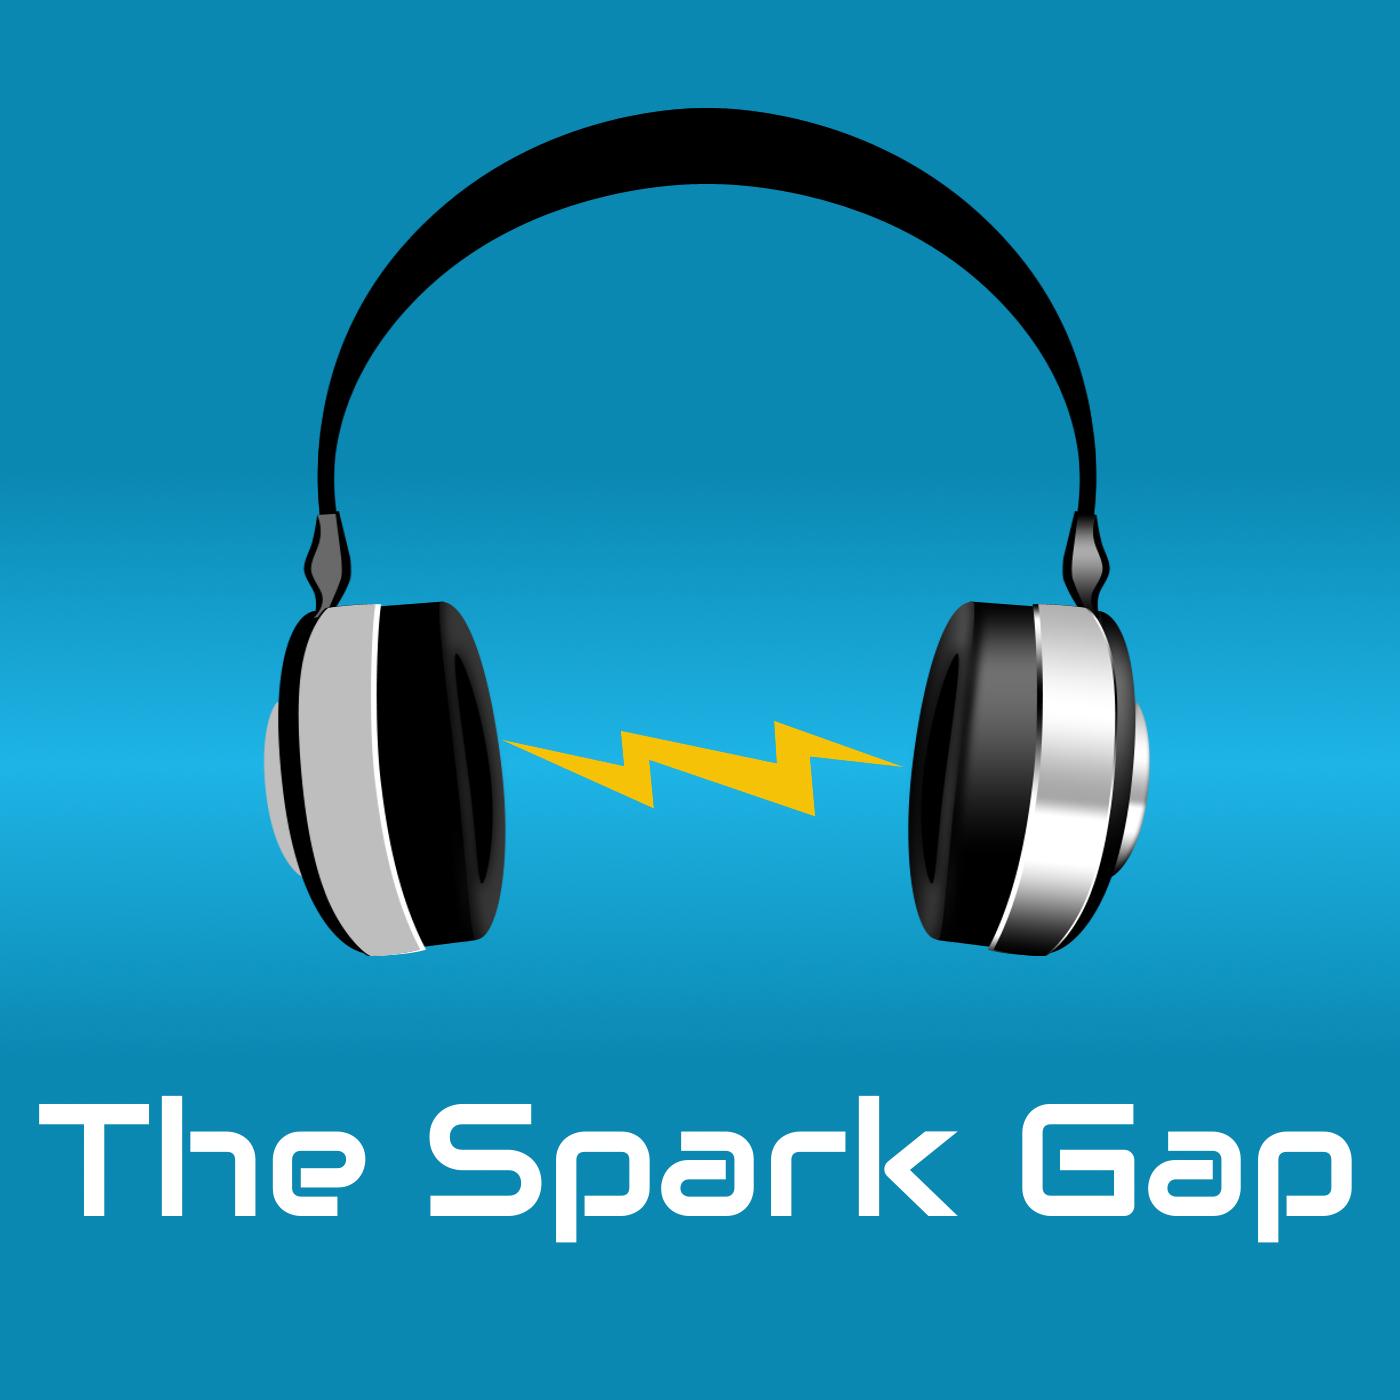 The Spark Gap